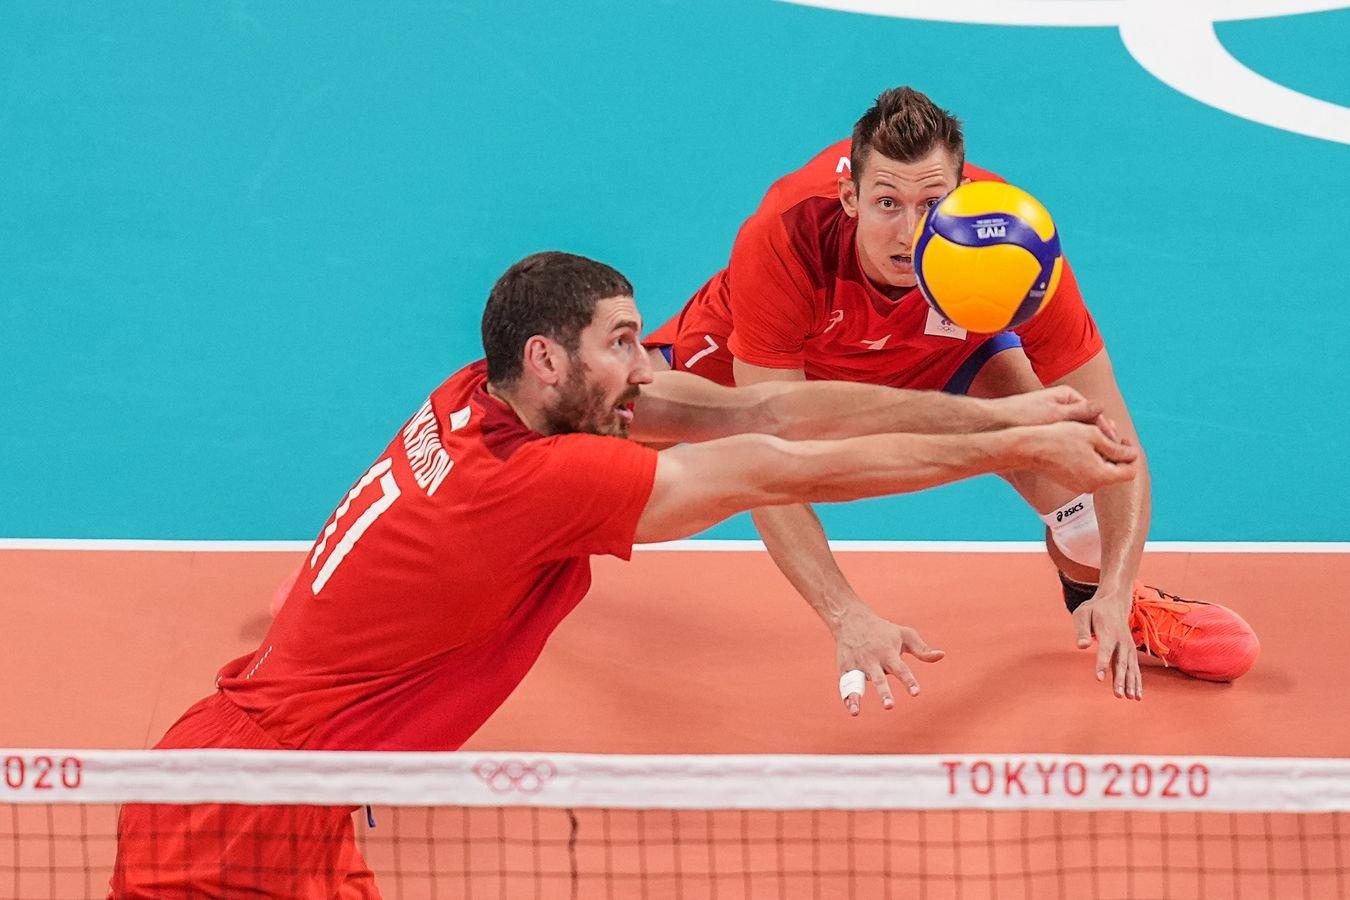 Стал известен соперник мужской сборной России по волейболу в полуфинале ОИ-2020 в Токио